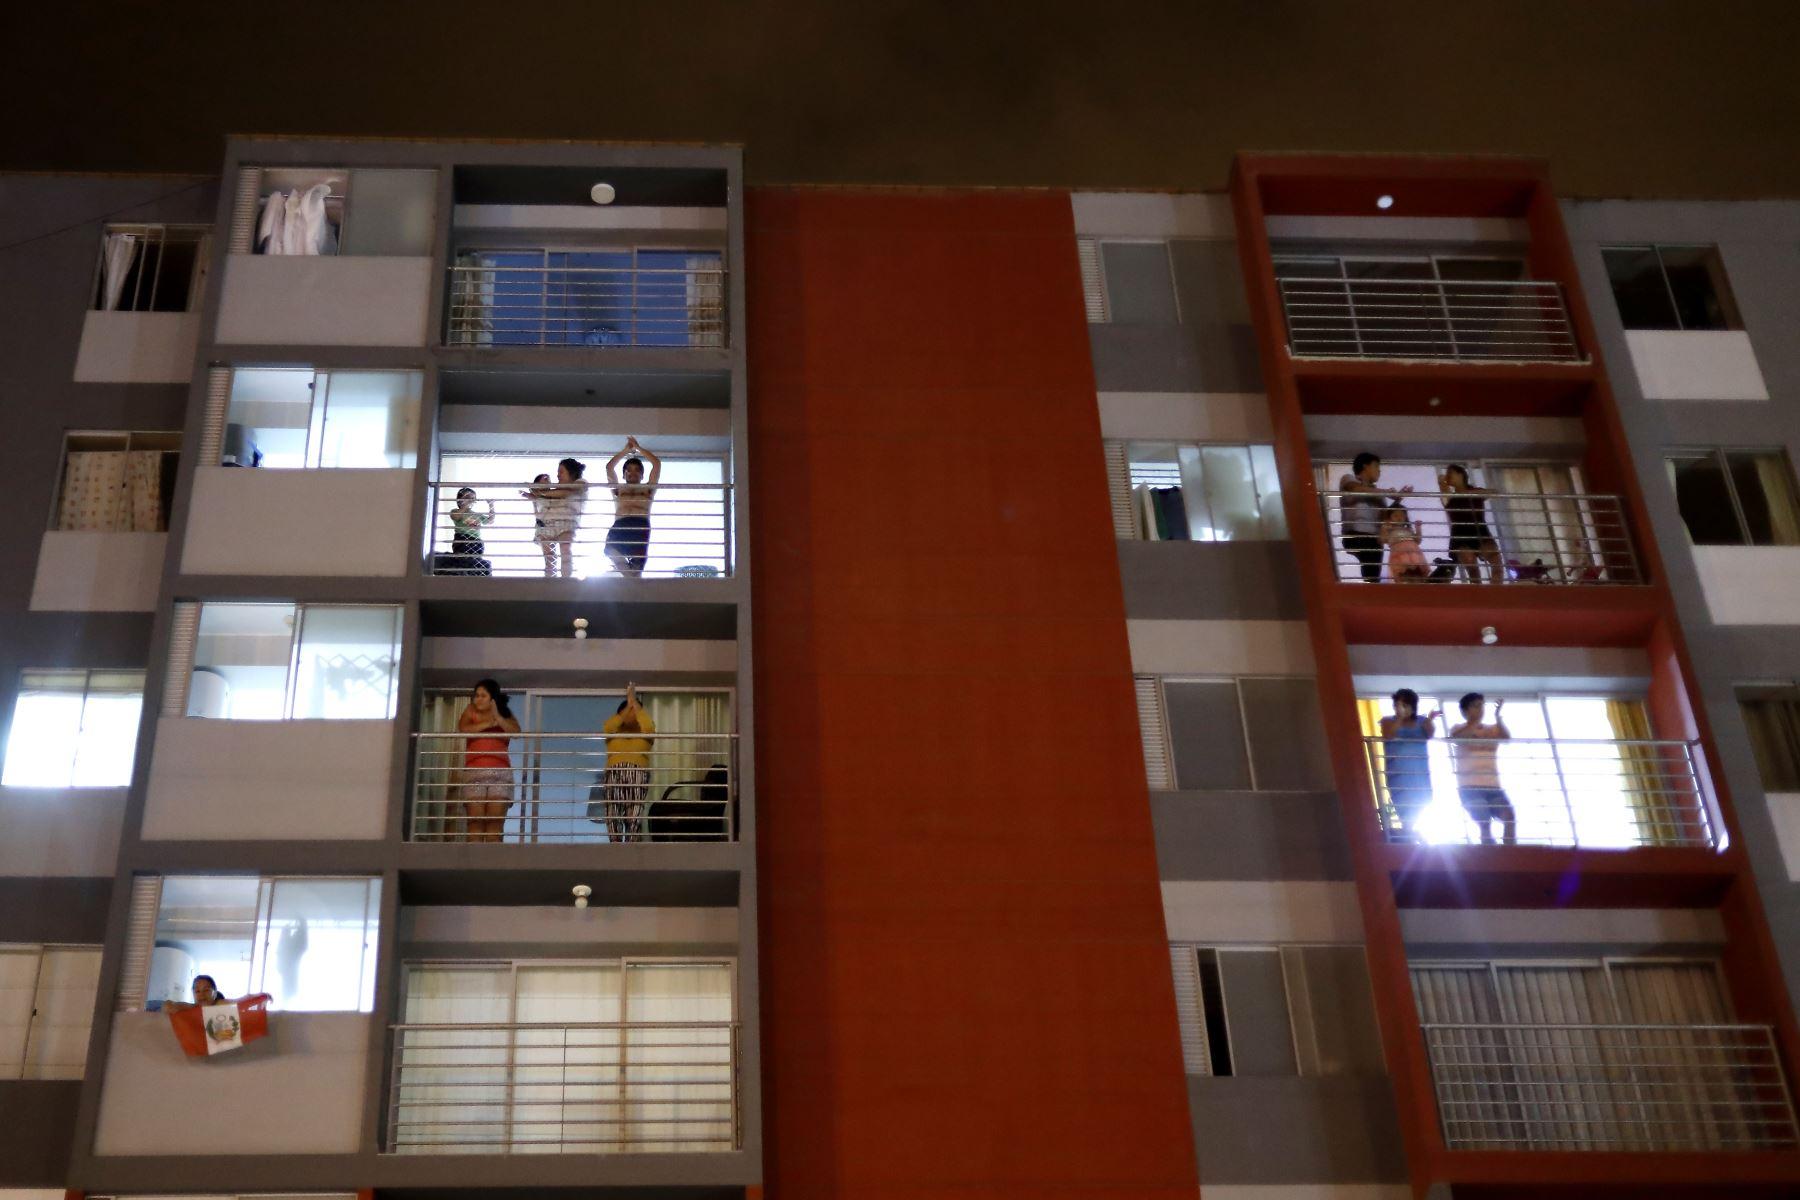 Peruanos aplauden y cantan himno Nacional  desde sus balcones en apoyo al personal de salud y las fuerzas del orden, durante la Inmovilización social obligatoria. Foto: ANDINA/Renato Pajuelo